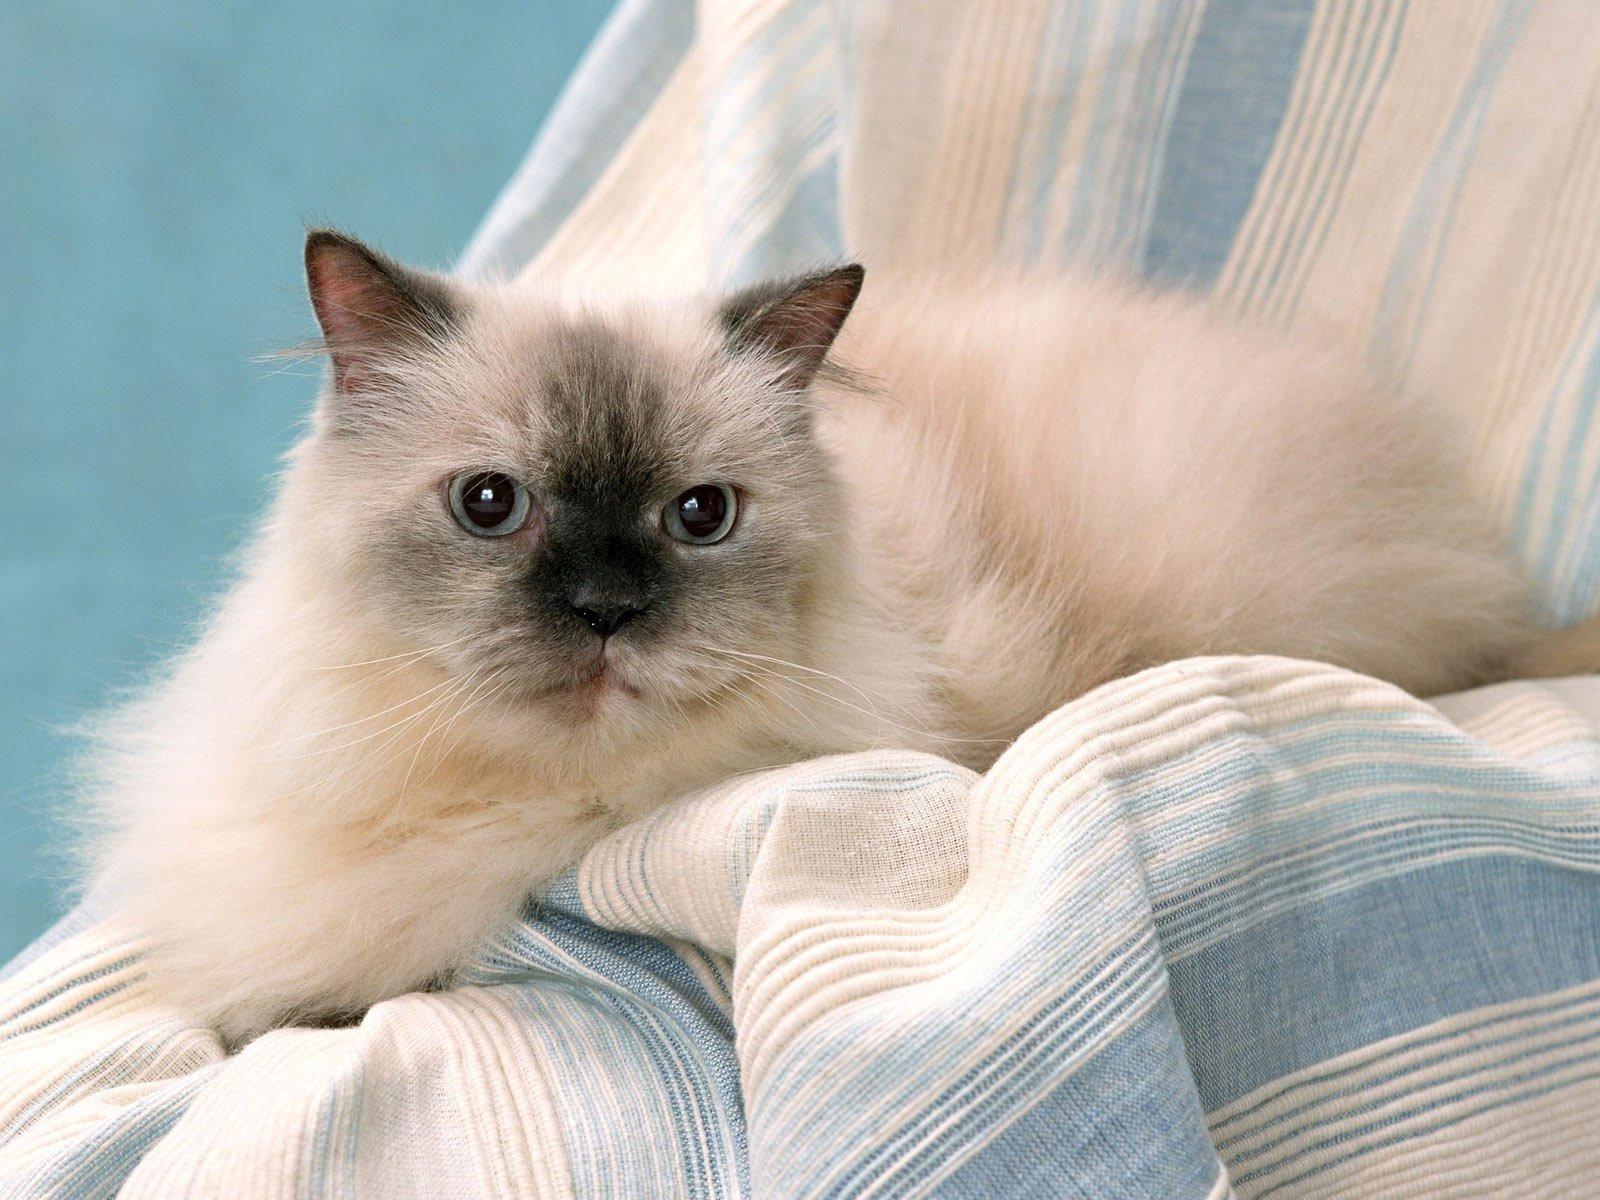 Gatos himalayos - Fundas para unas de gato ...